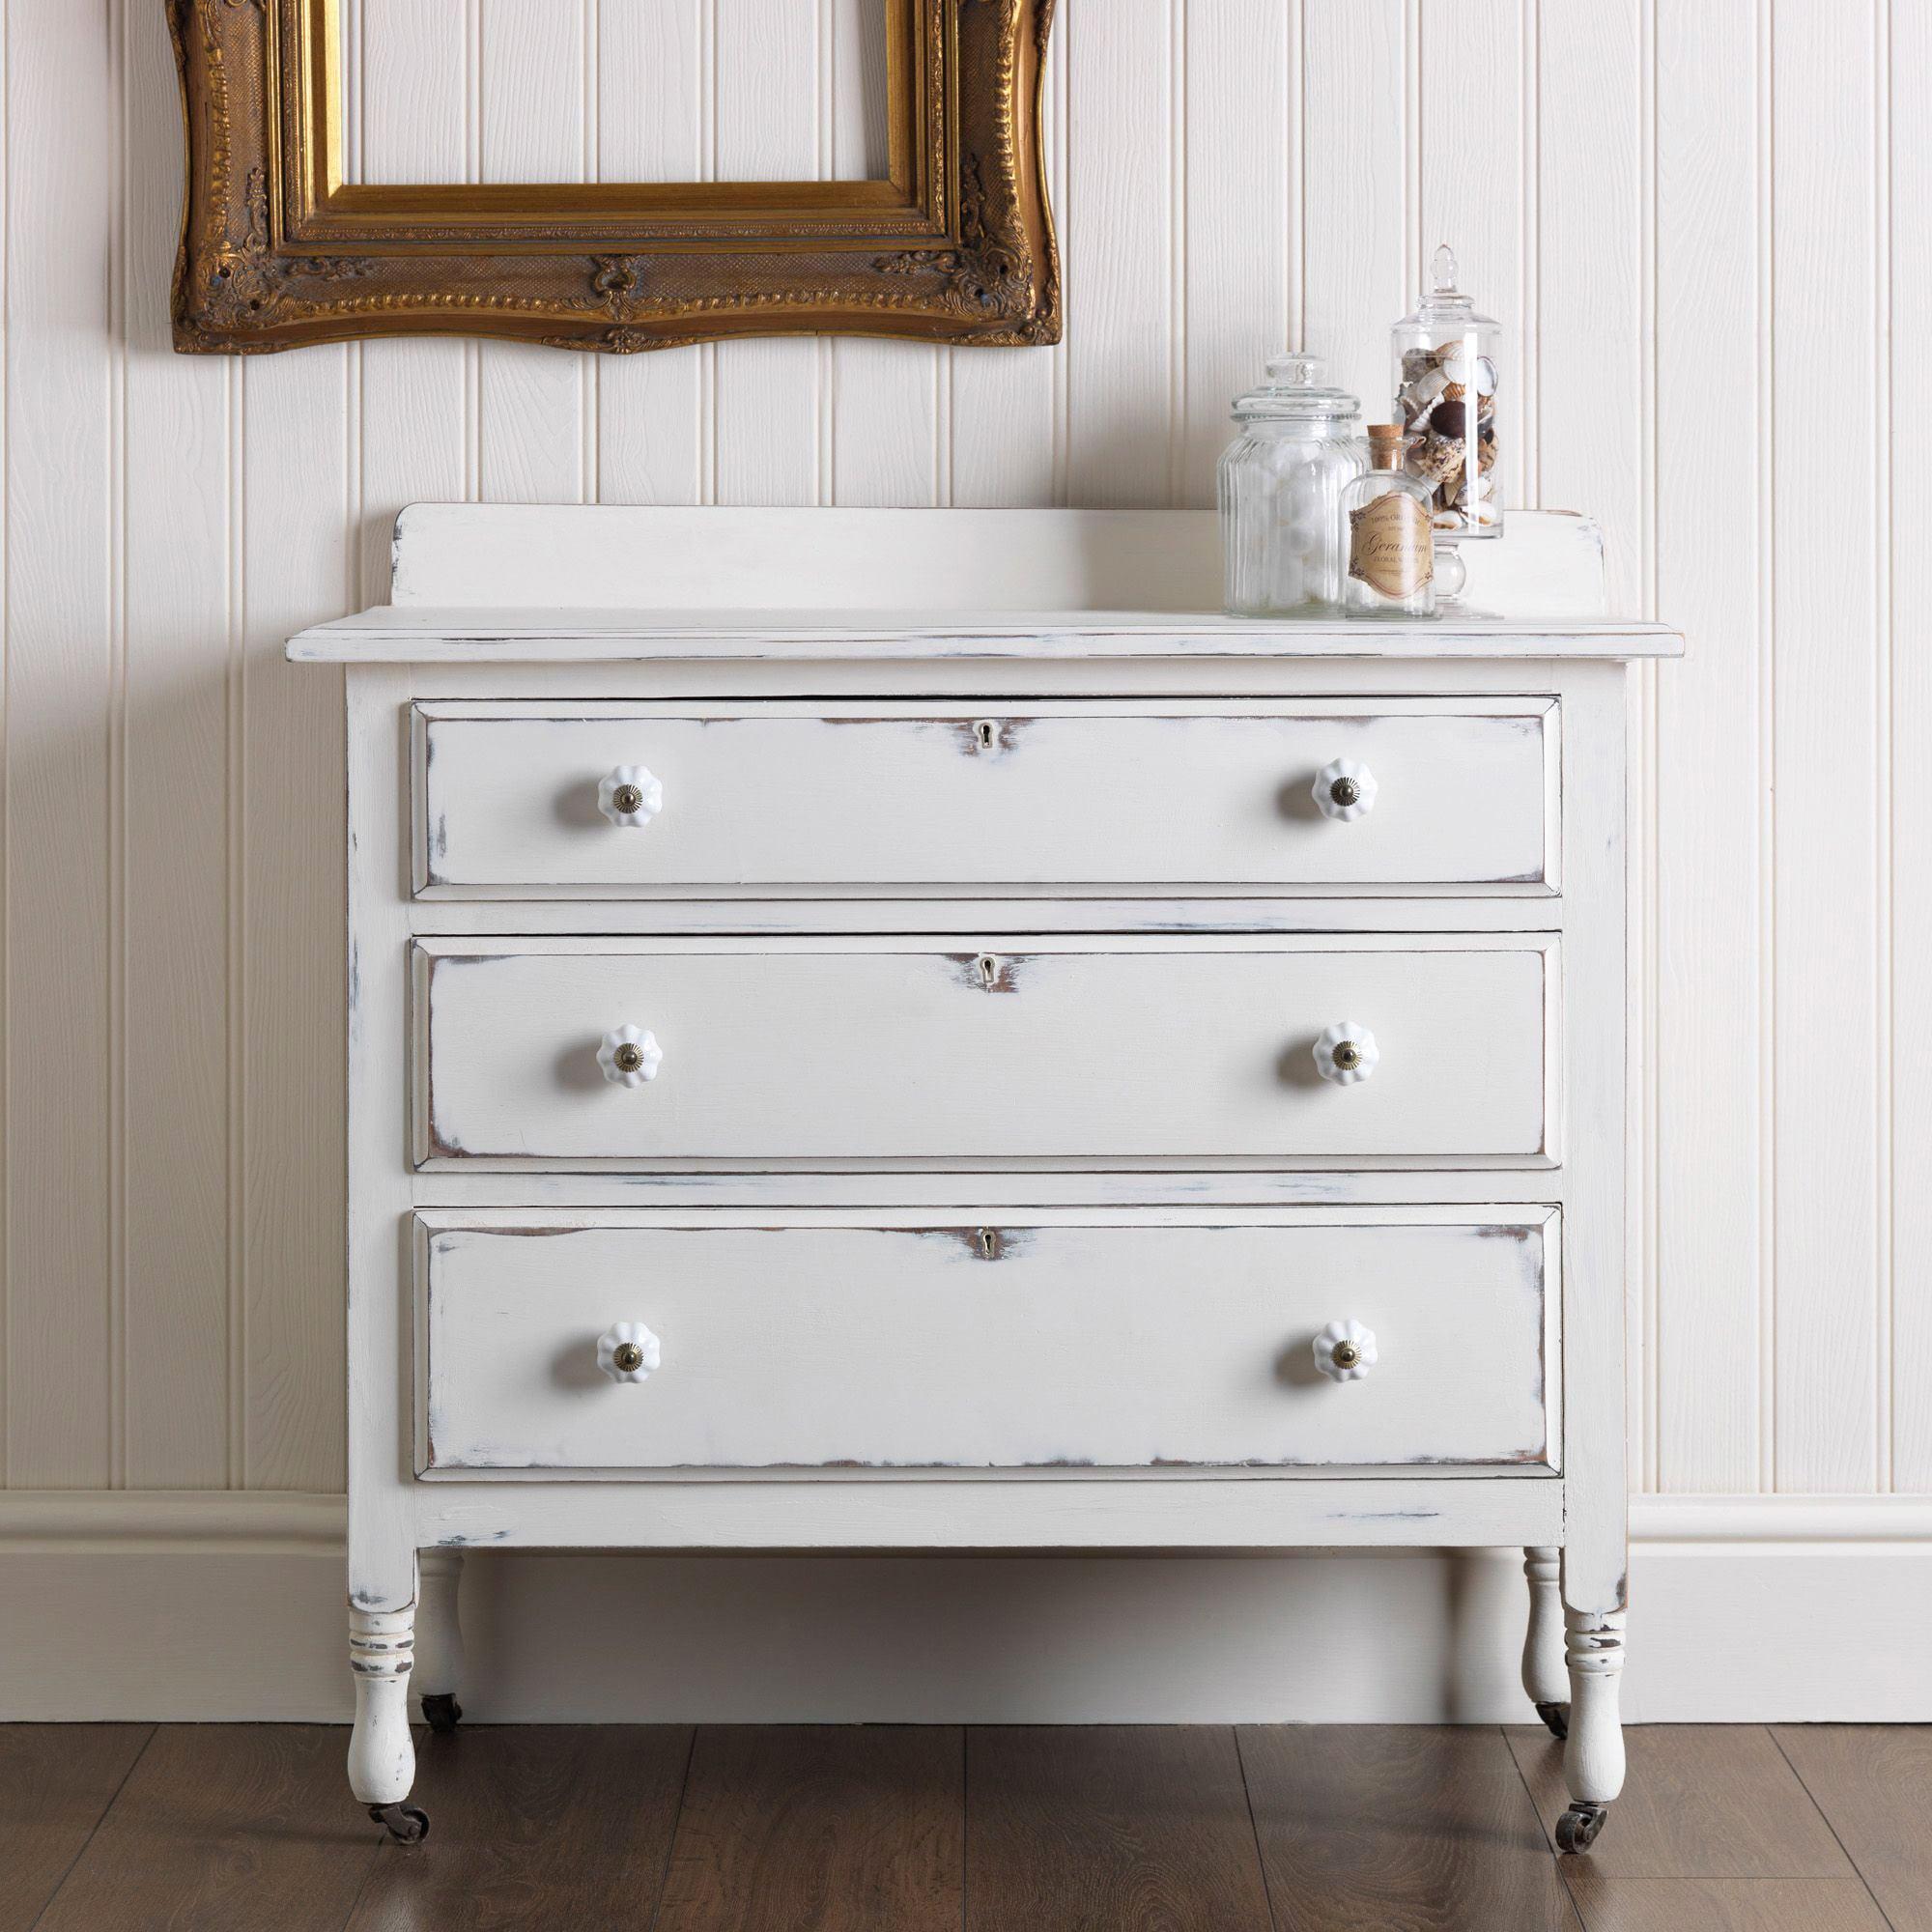 Efecto Vintage sobre Muebles con Pintura a la Tiza